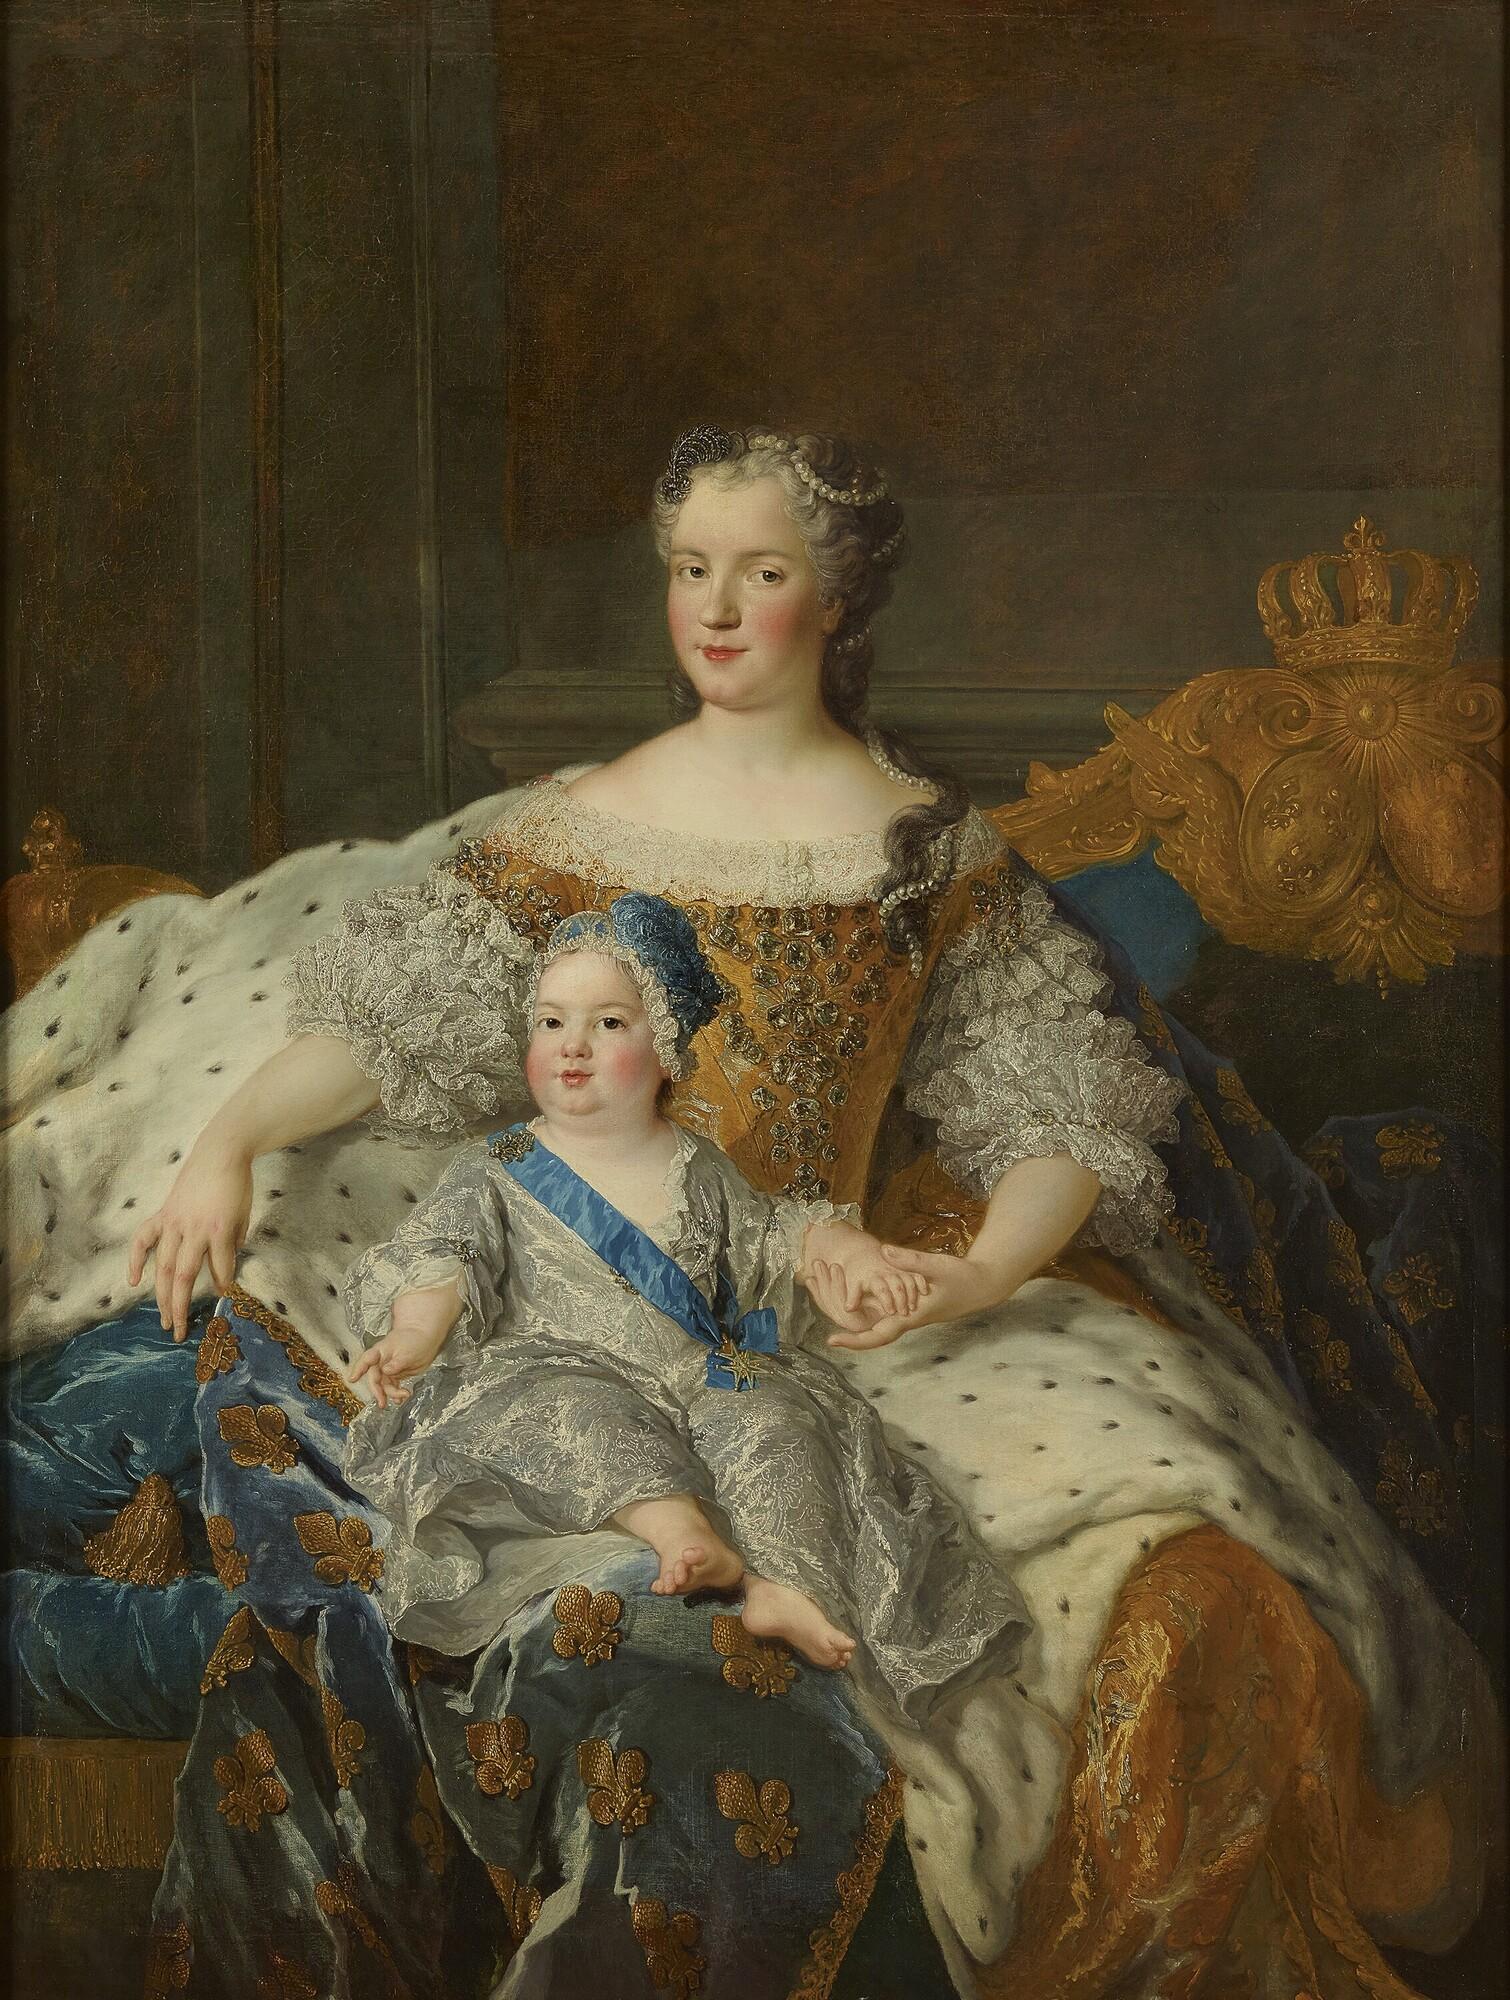 王妃レスザンスカと王太子